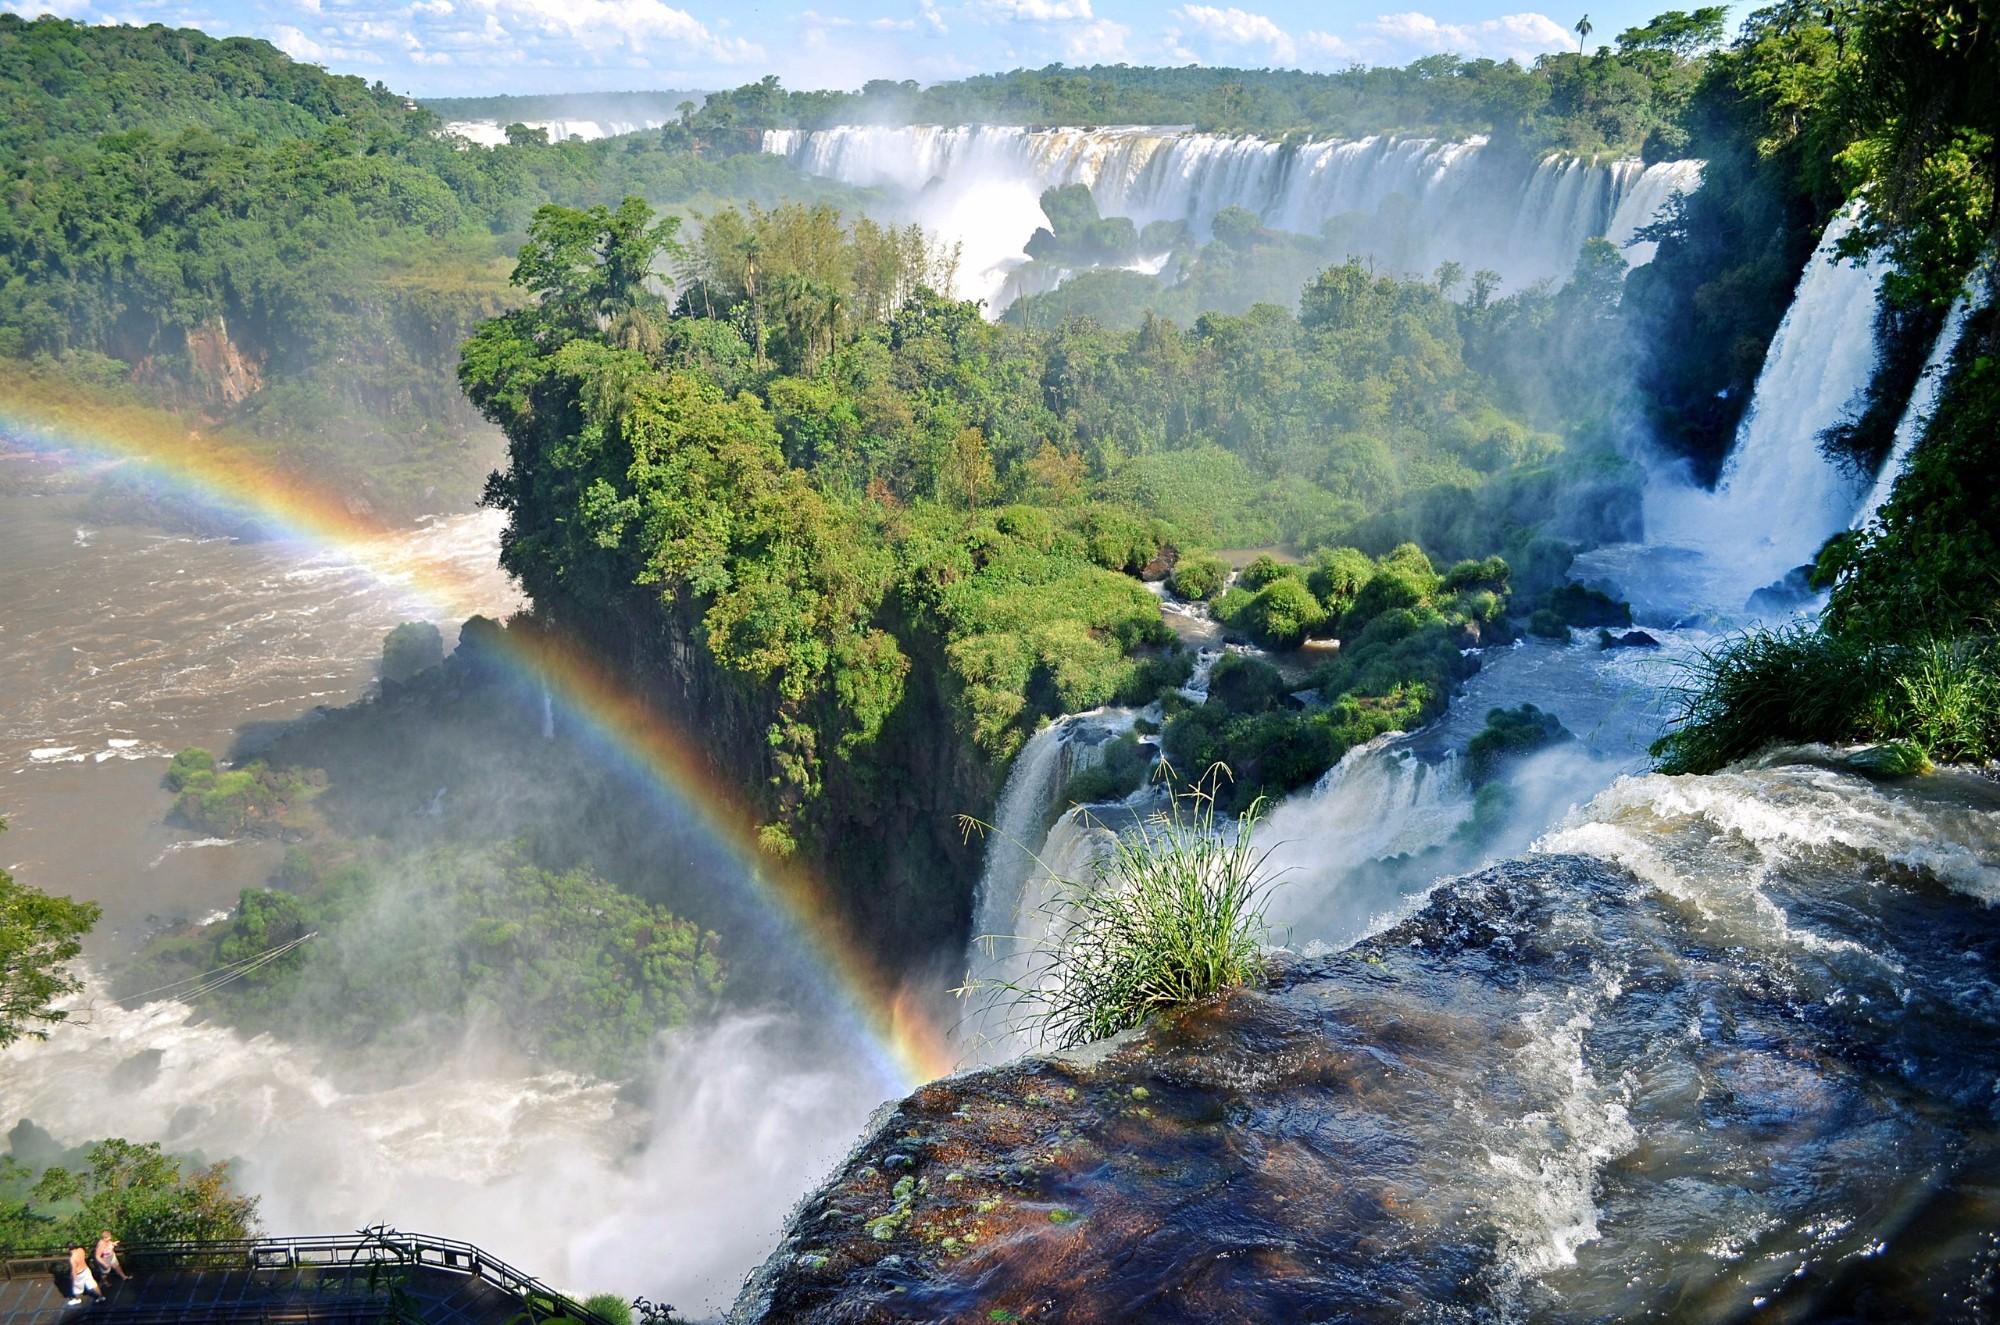 И снова водопады Игуасу — на этот раз с аргентинской стороны! С брызгами, солнцем и радугами!